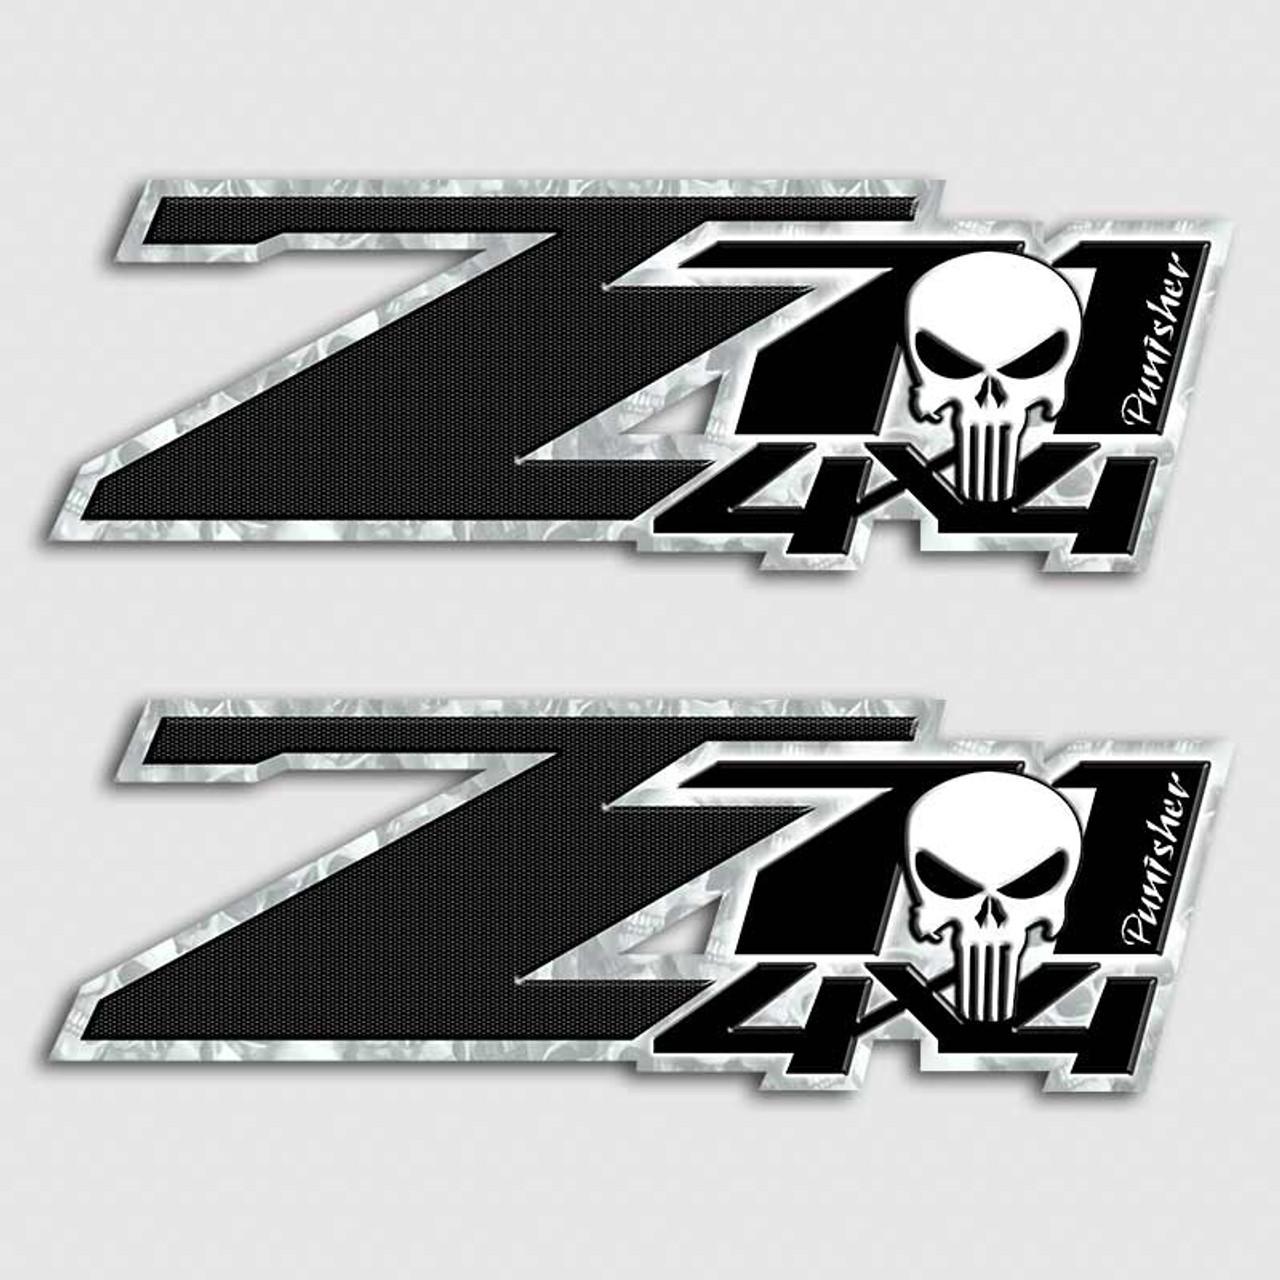 Z71 Punisher Hero Skull Black Carbon Fiber Truck Decal Set